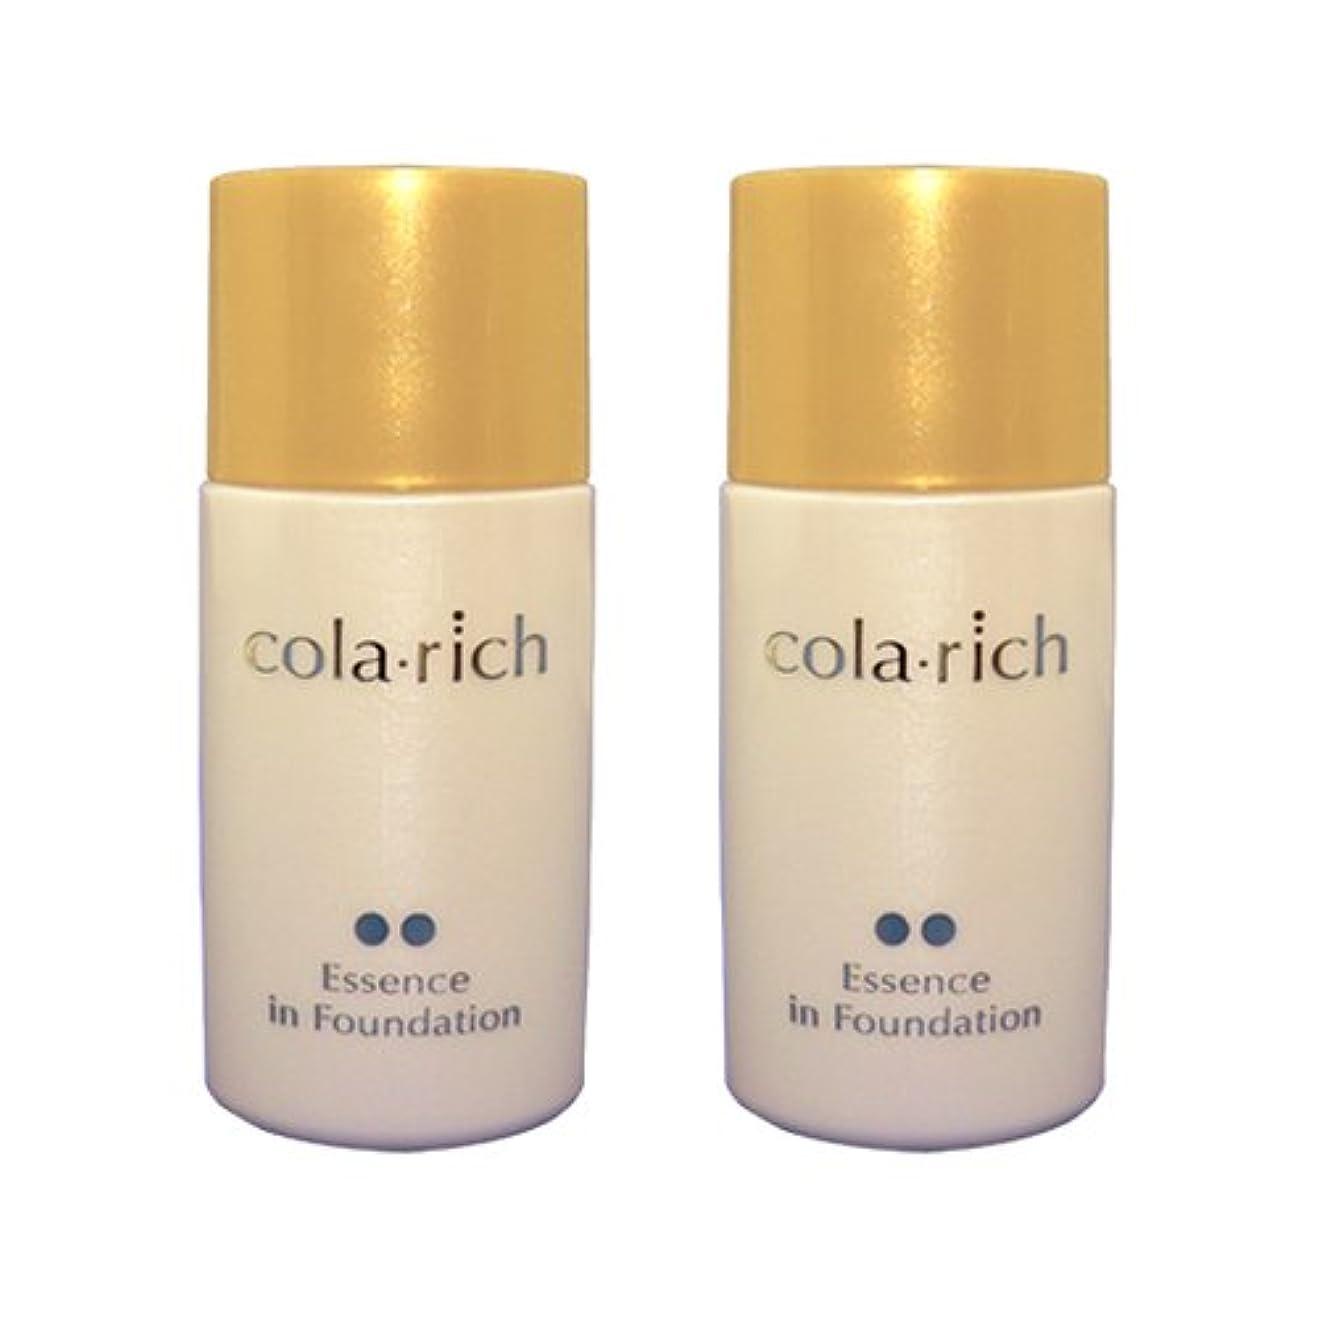 排除するロマンチックどちらかコラリッチ 美容液ファンデーション 2個まとめ買い (健康肌用)/キューサイ美容液ファンデーション